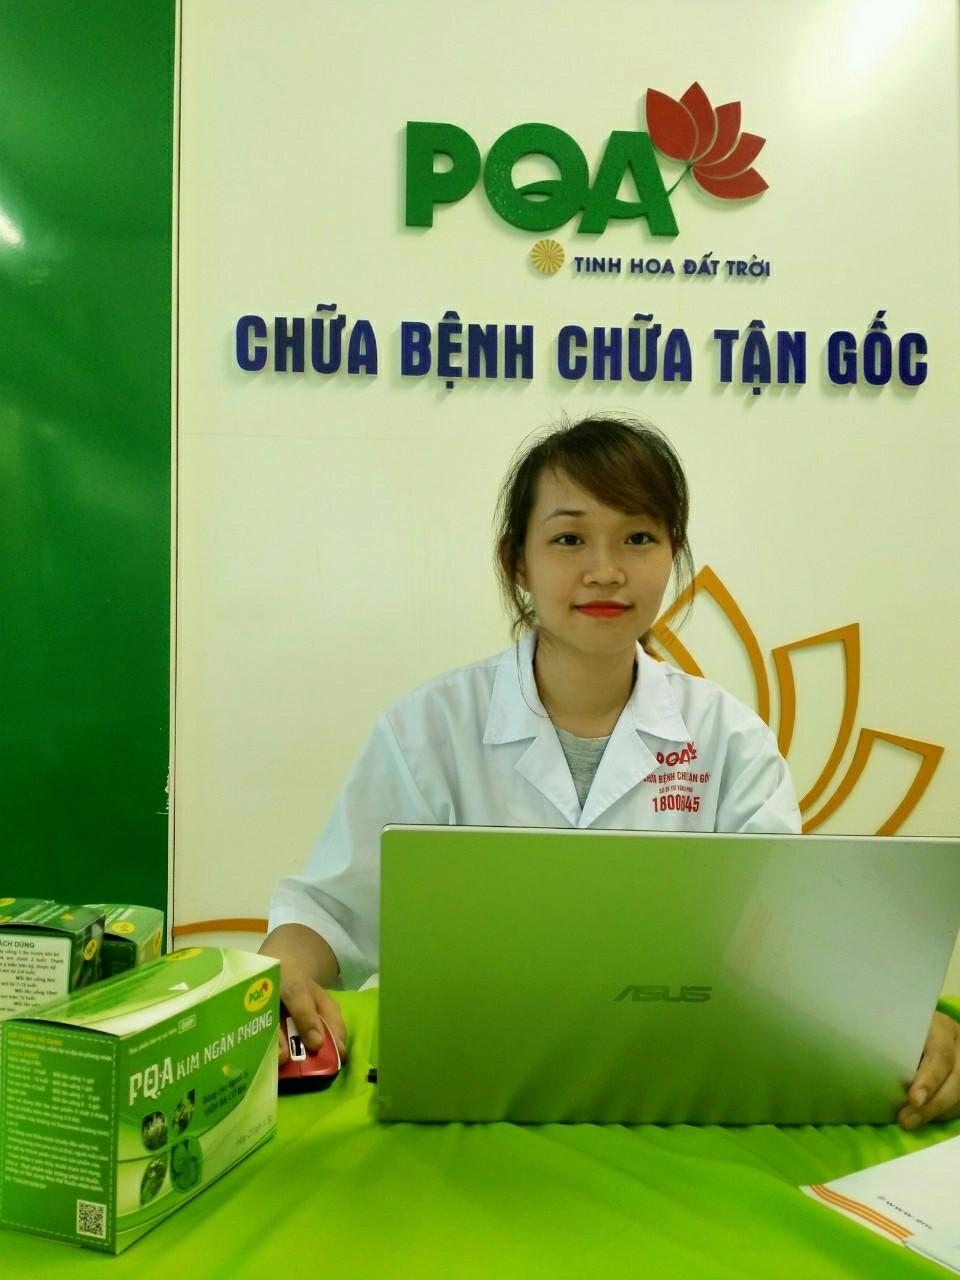 Vũ Thị Đào